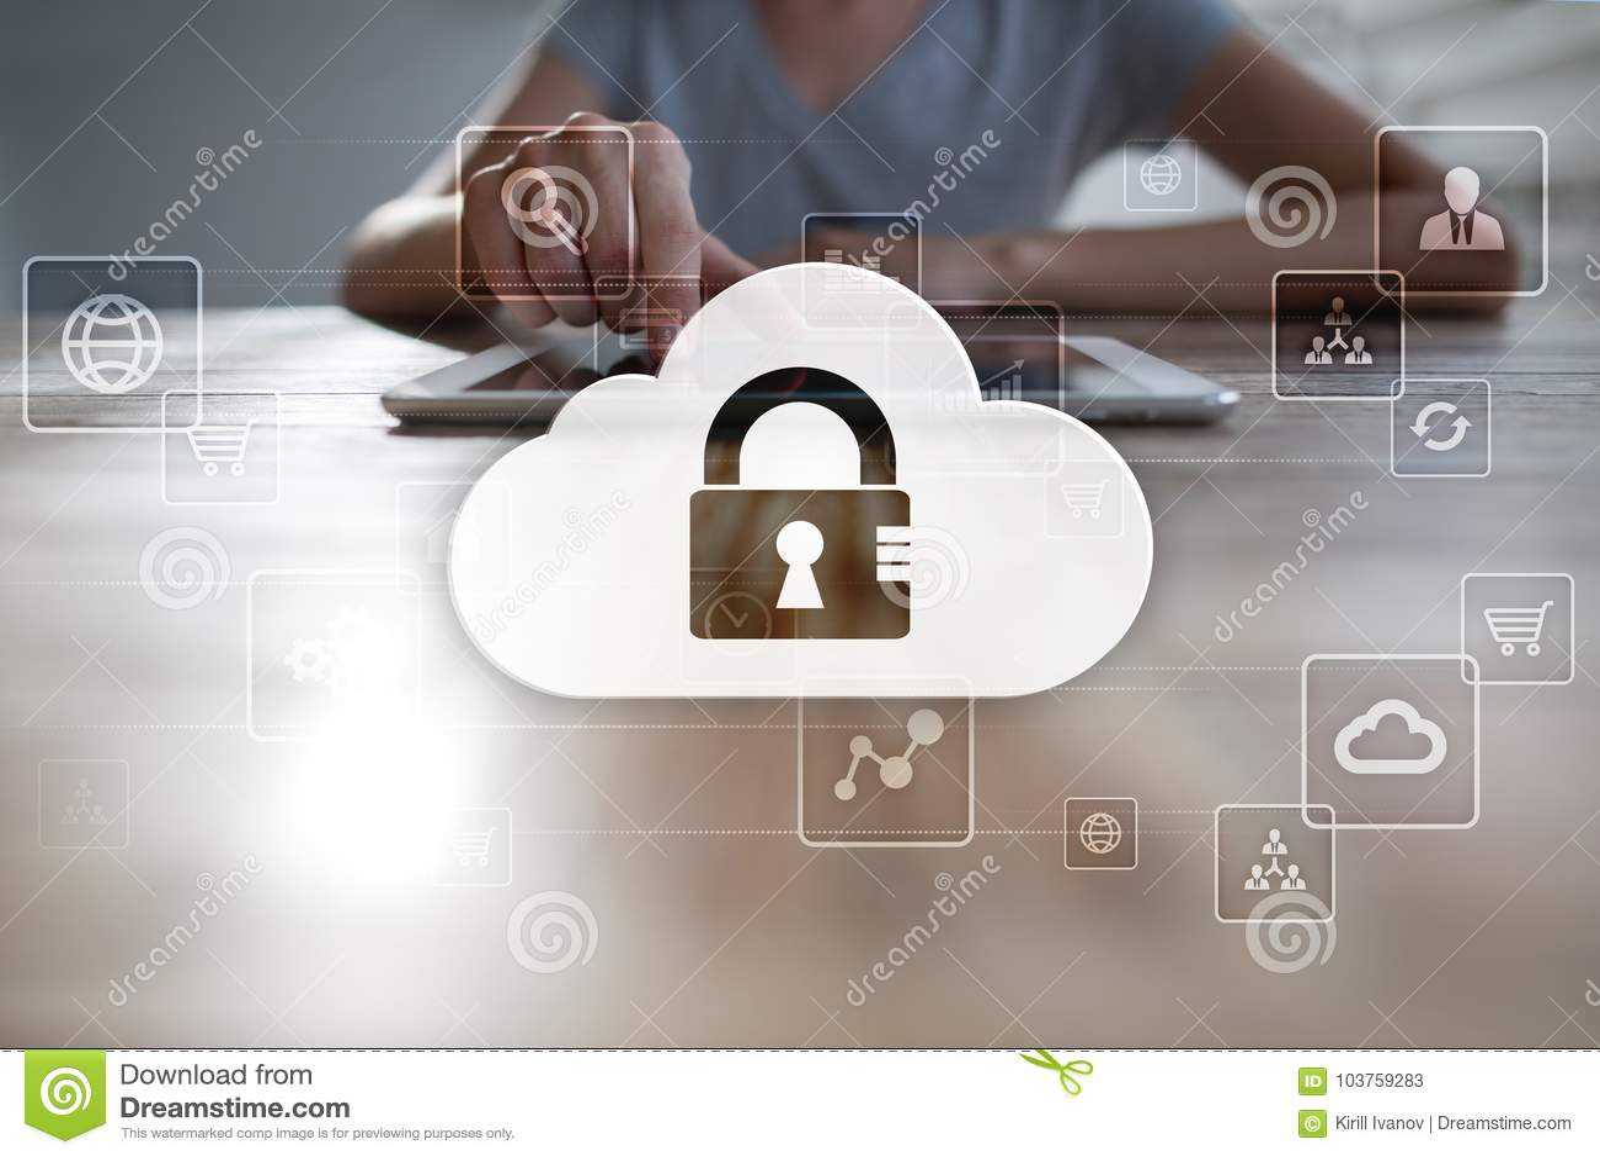 Τεχνολογία σύννεφων Αποθήκευση στοιχείων Έννοια δικτύωσης και υπηρεσιών Διαδικτύου